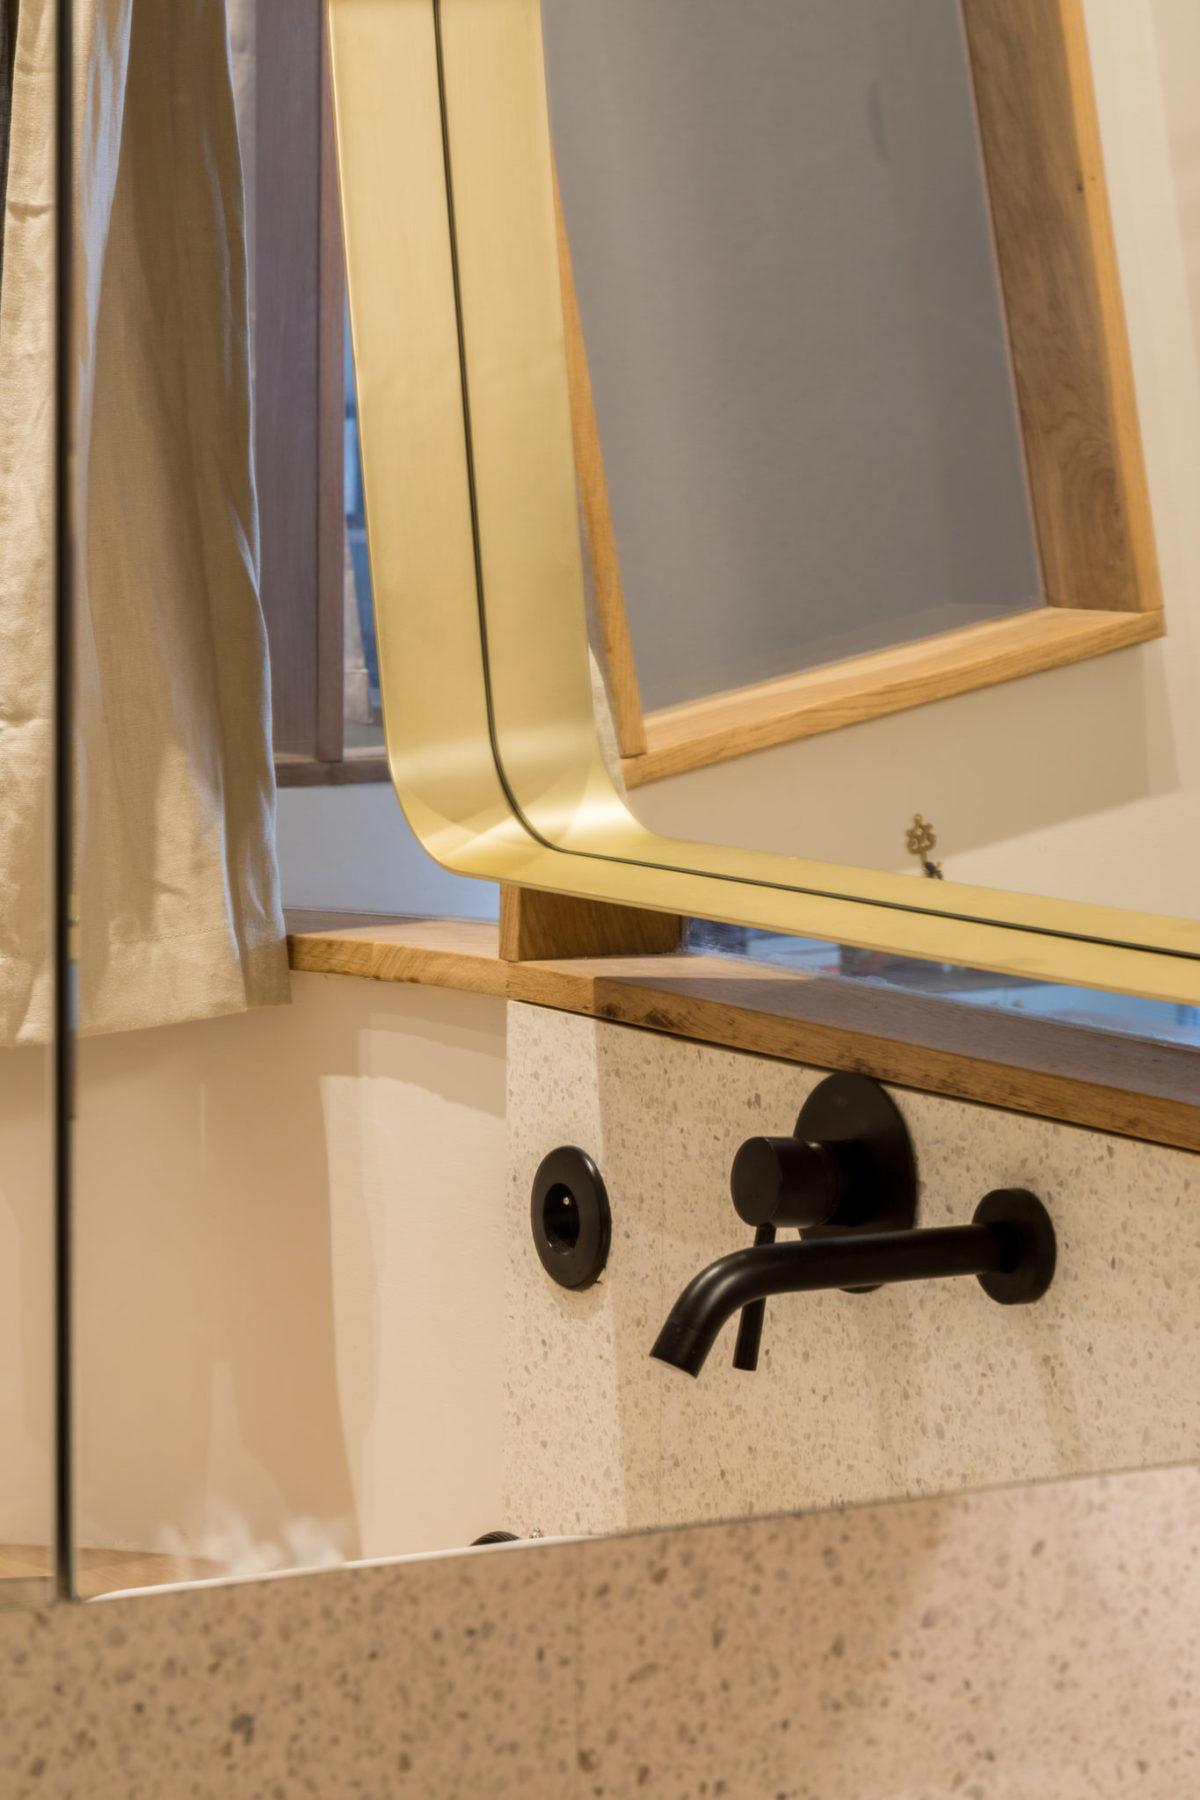 Salle de bains - Reflet miroir mur en terrazzo blanc et mitigeur noir encastré